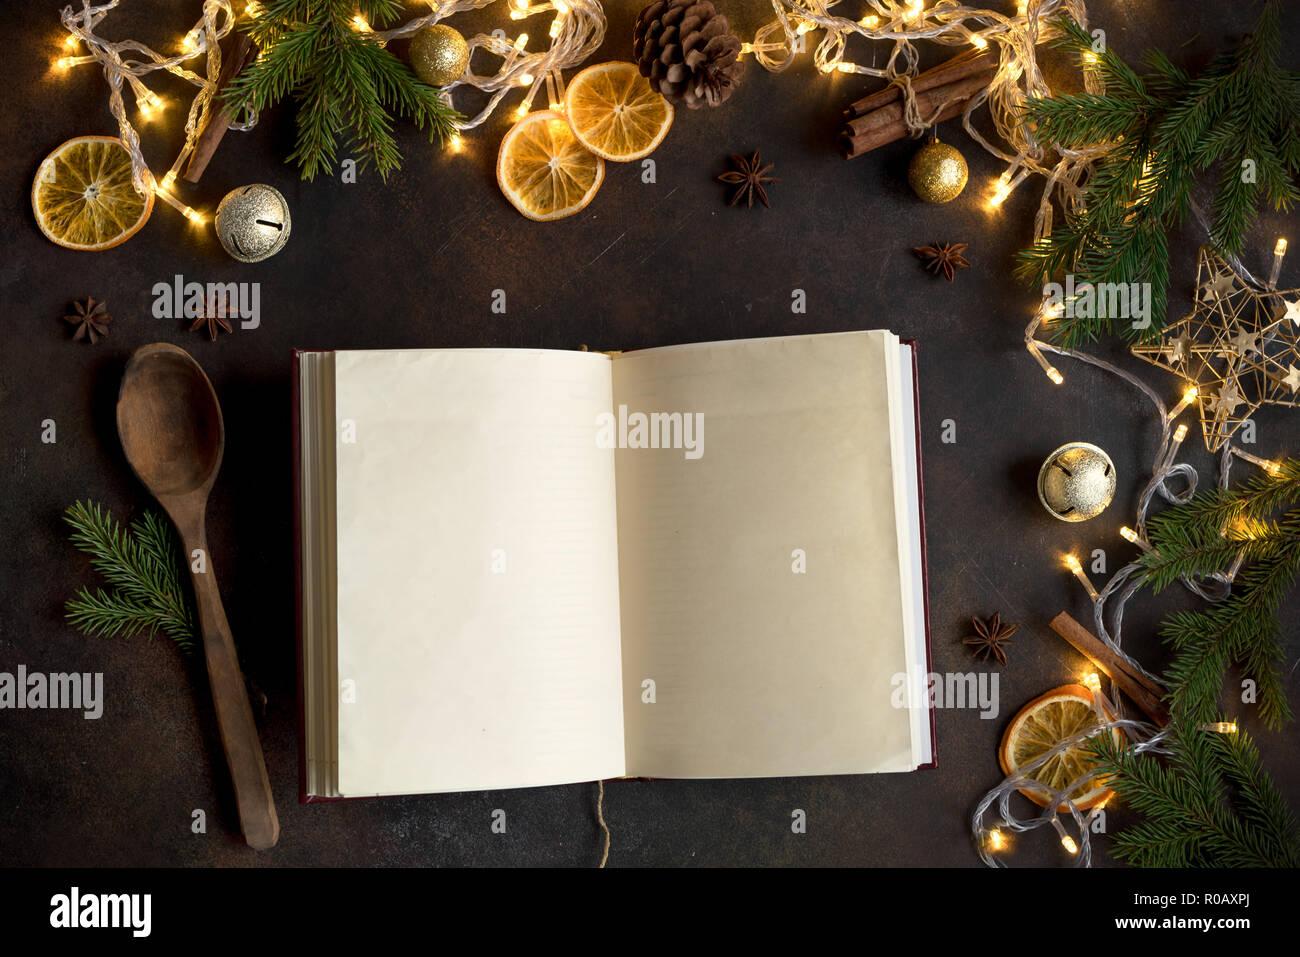 Ricette Sul Natale.Ricettario Di Natale O Il Menu Sul Tavolo Scuro Svuotare